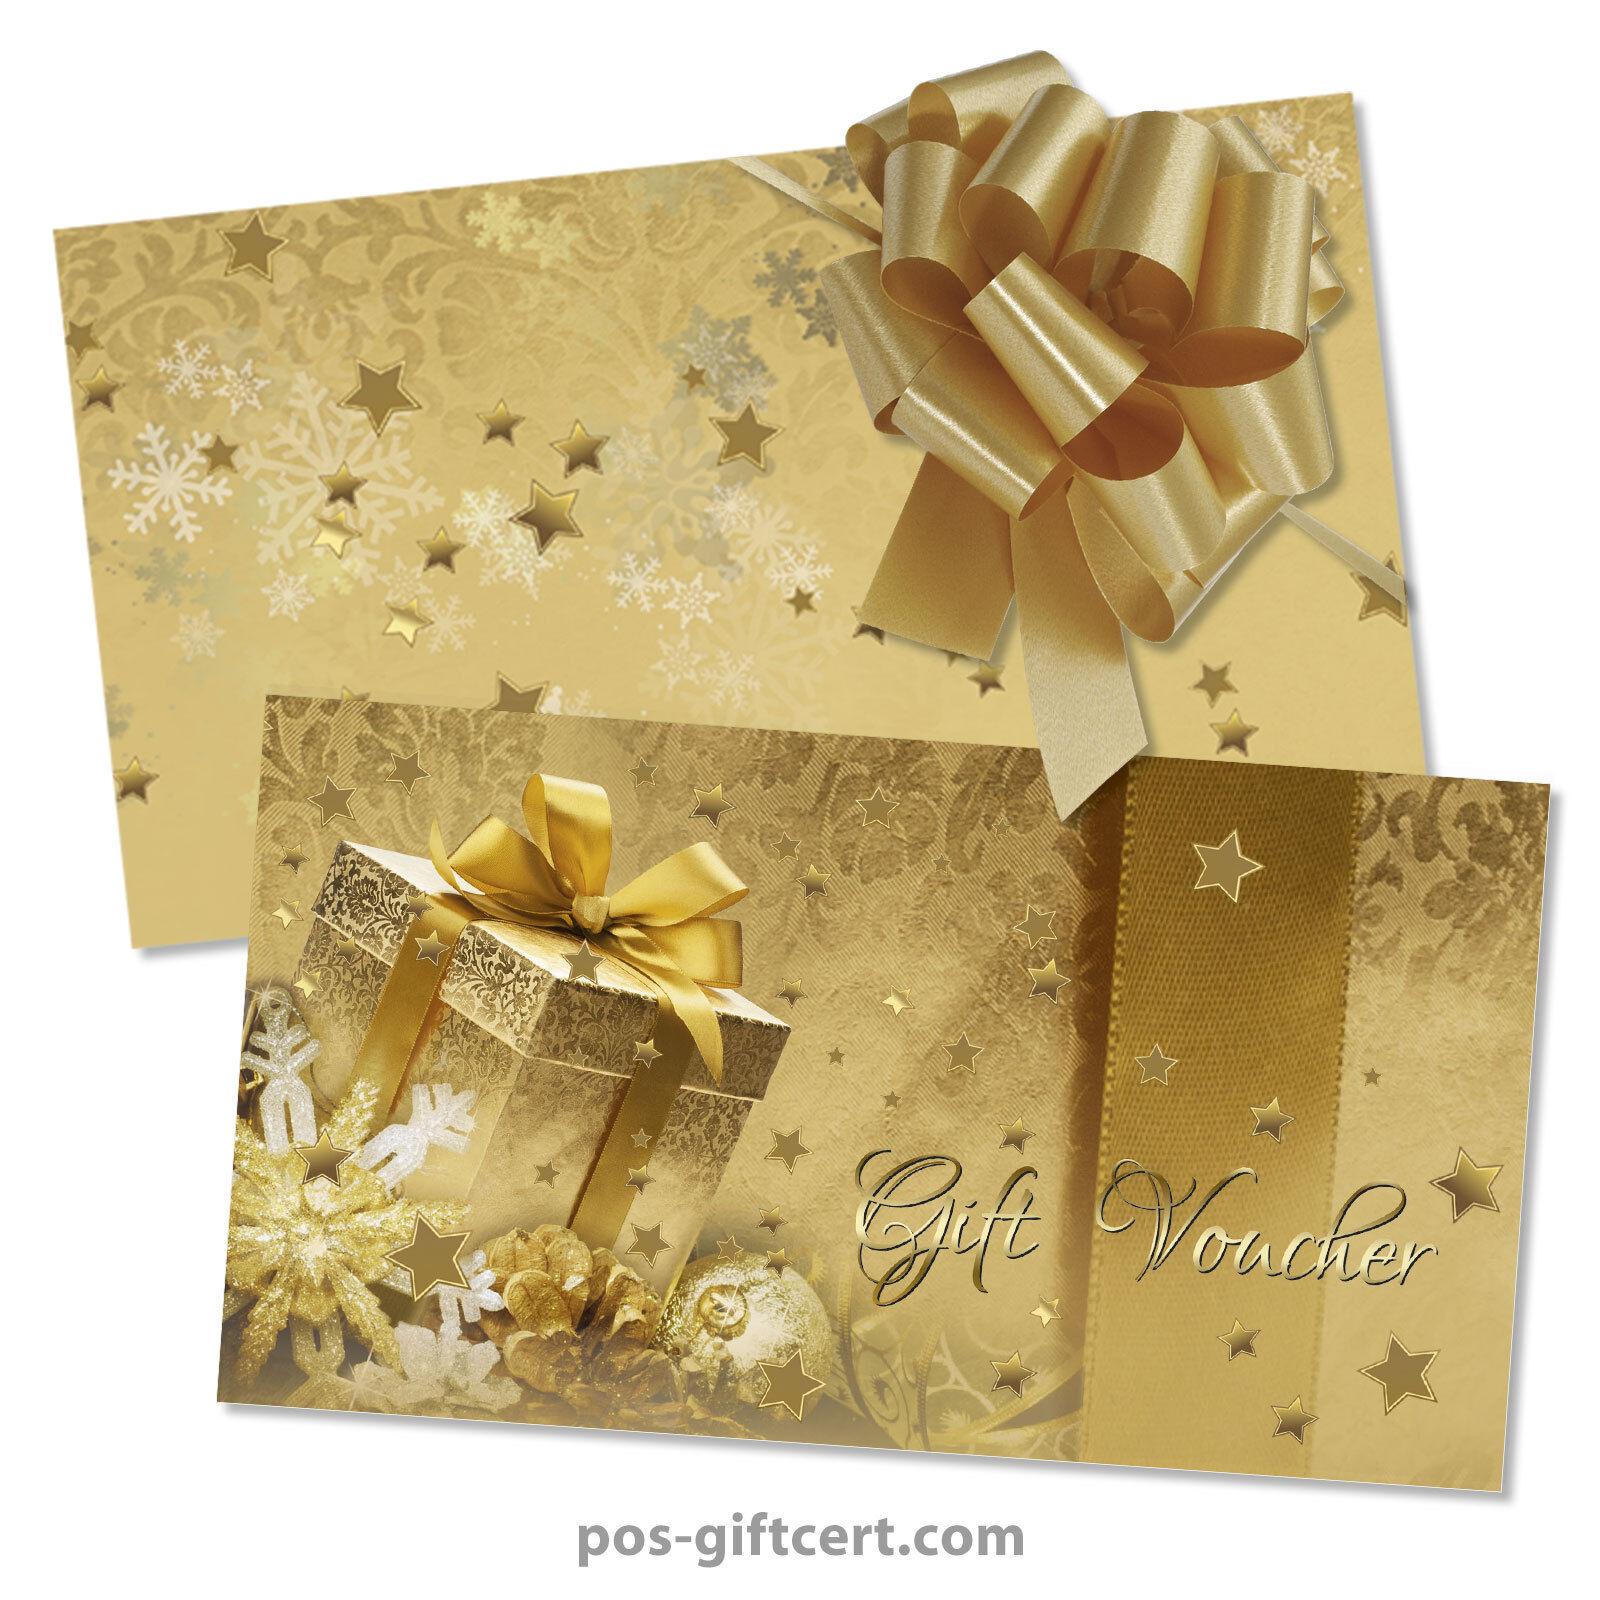 Gift vouchers  envelopes  pull bows for christmas X1297GB | Zürich Online Shop  | Hohe Qualität und günstig